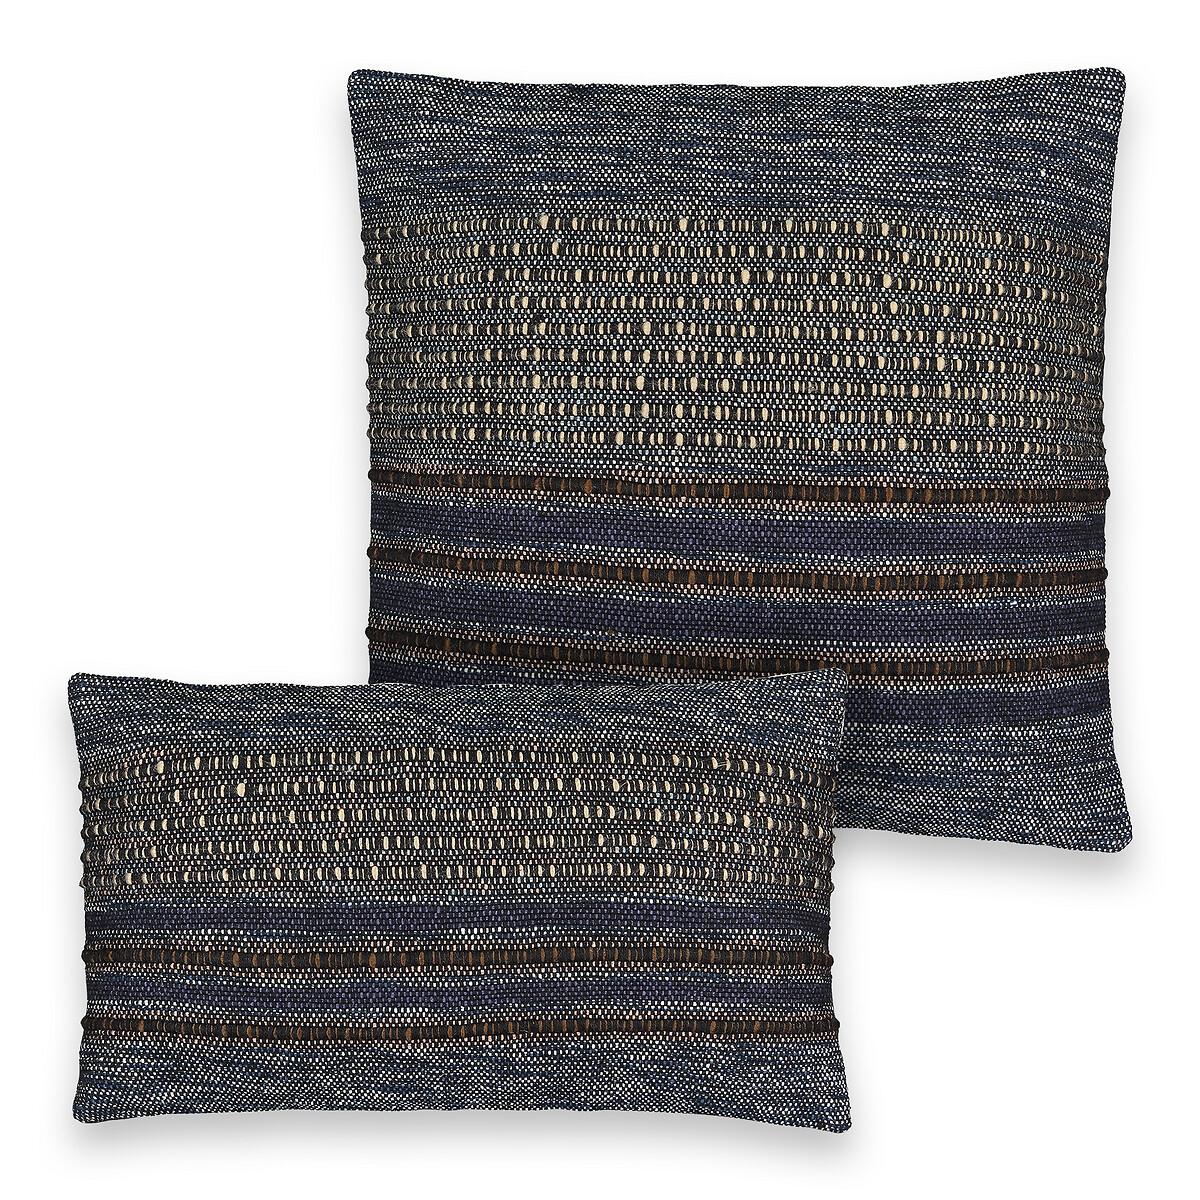 Чехол LaRedoute На подушку из 64 хлопка 21 акрила 12 полиэстера 3 вискозы Medina 50 x 30 см черный